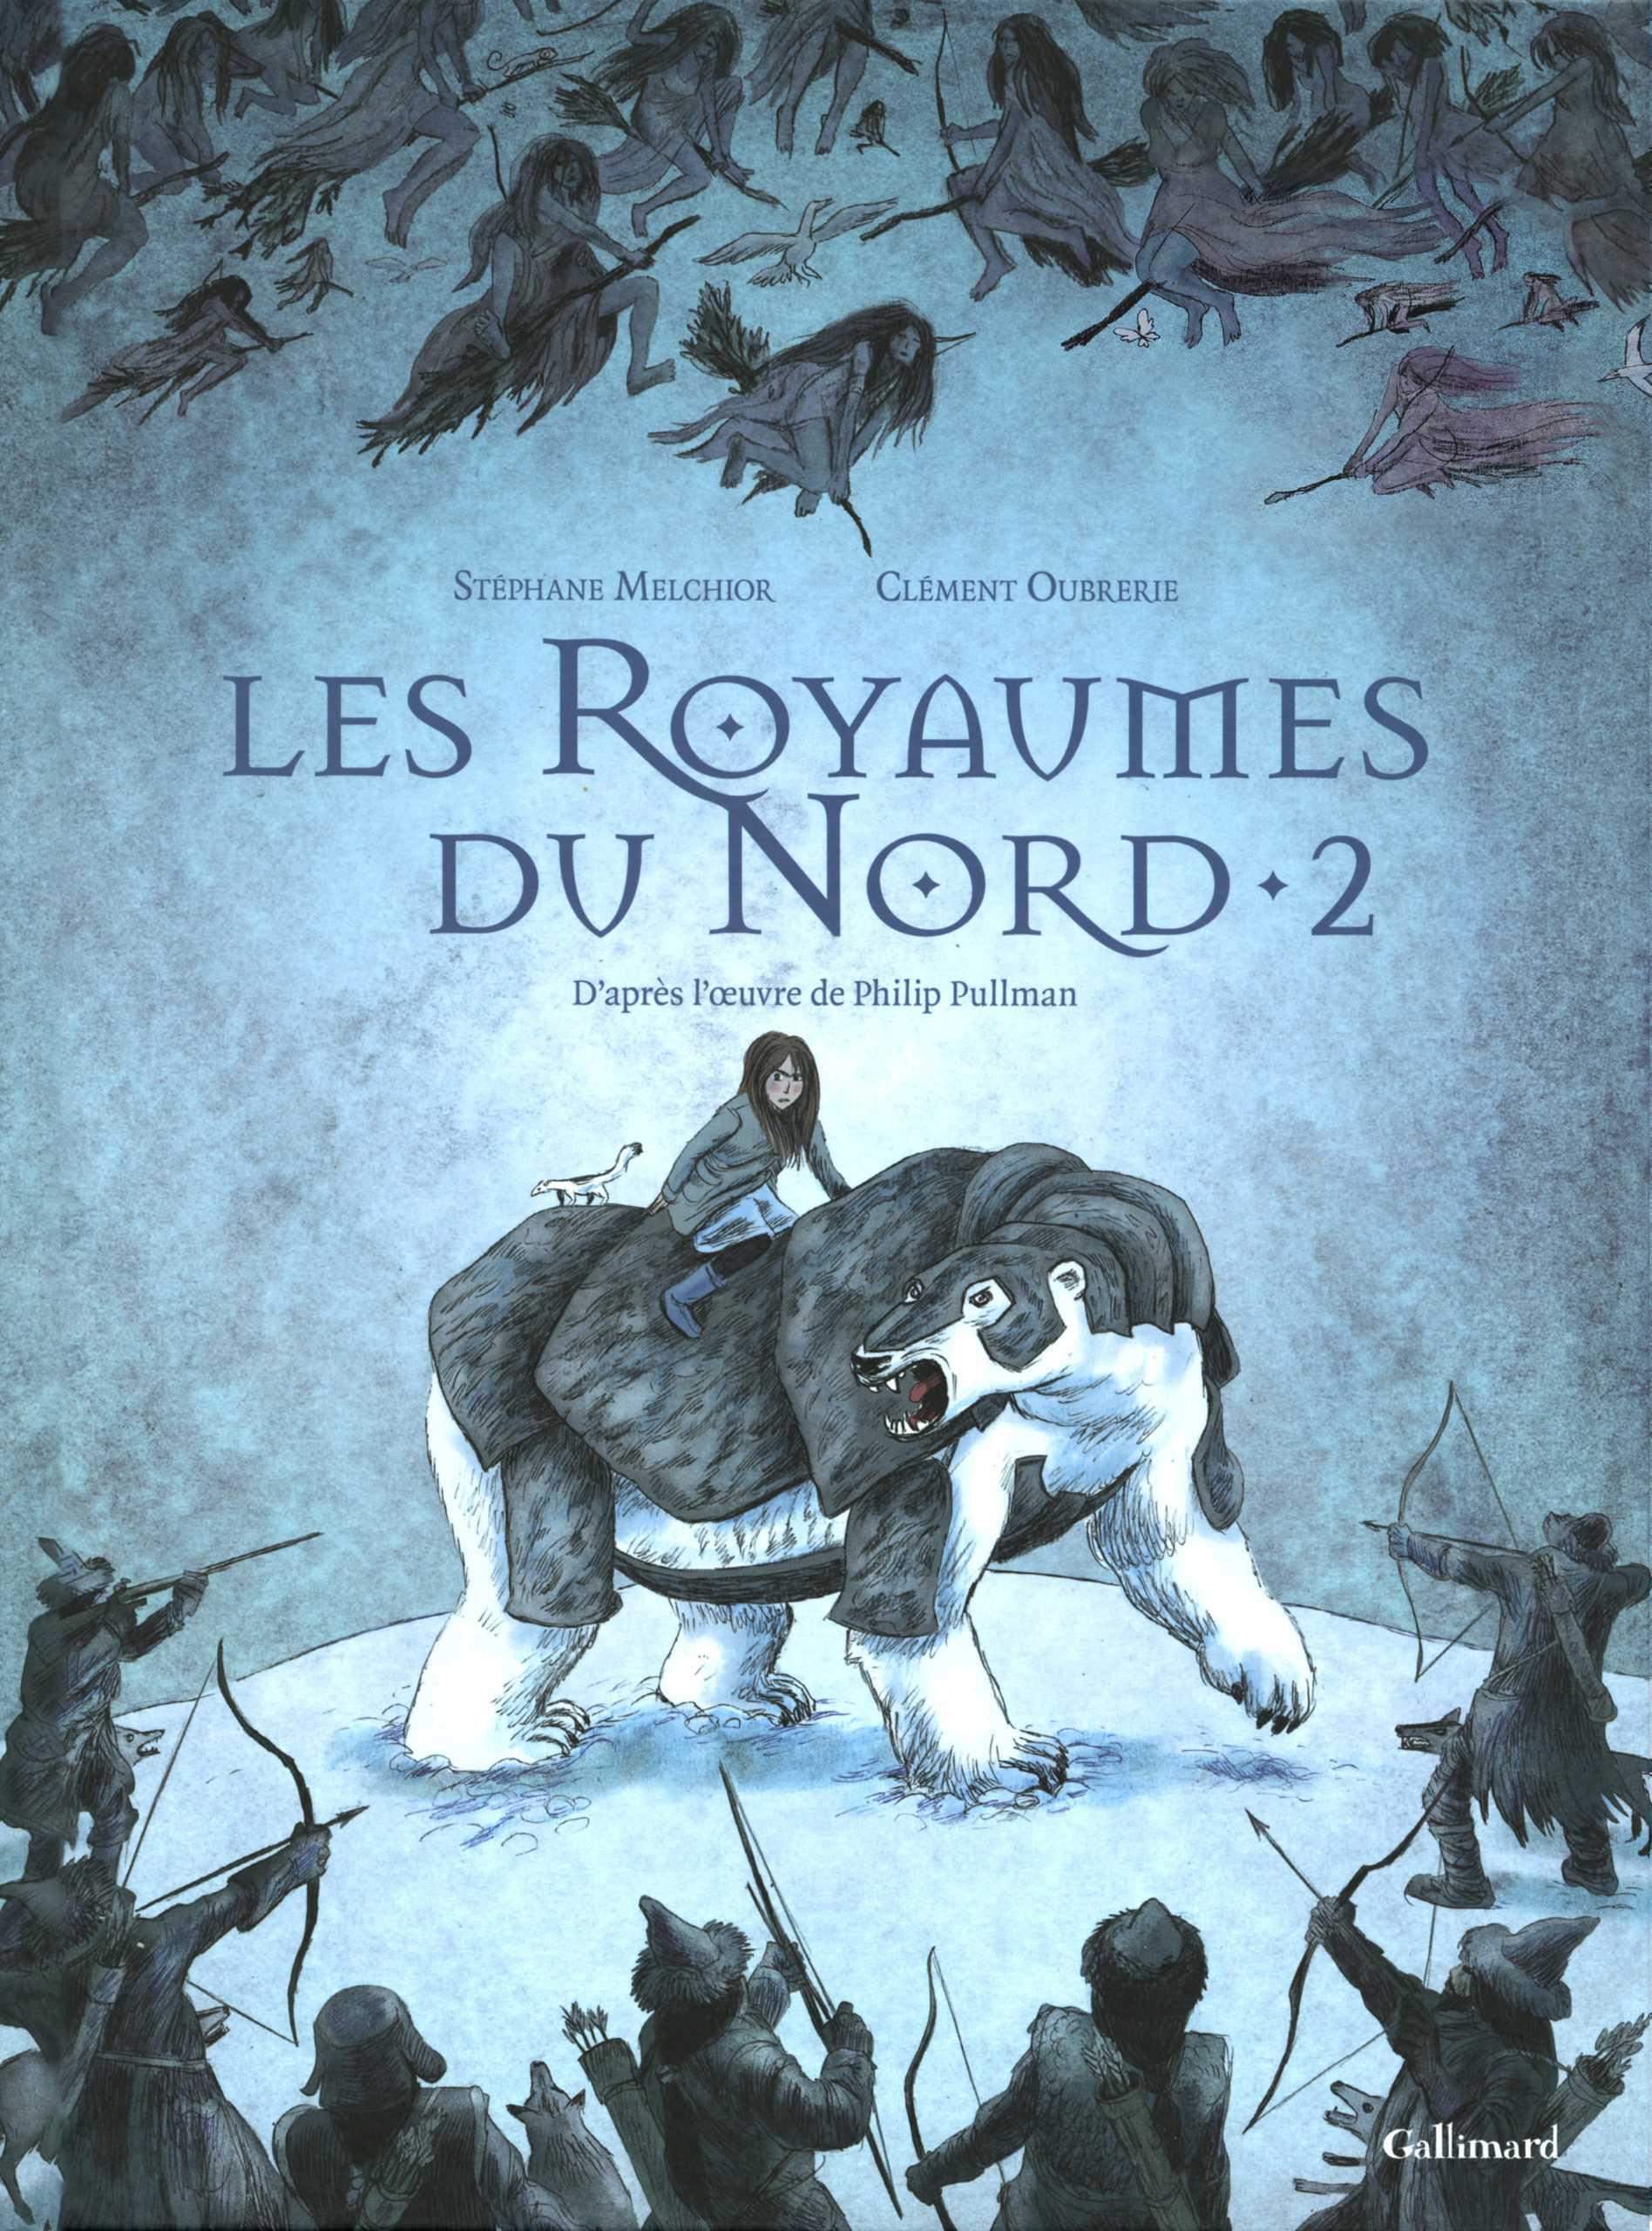 Les Royaumes du Nord T2, un ours en armure